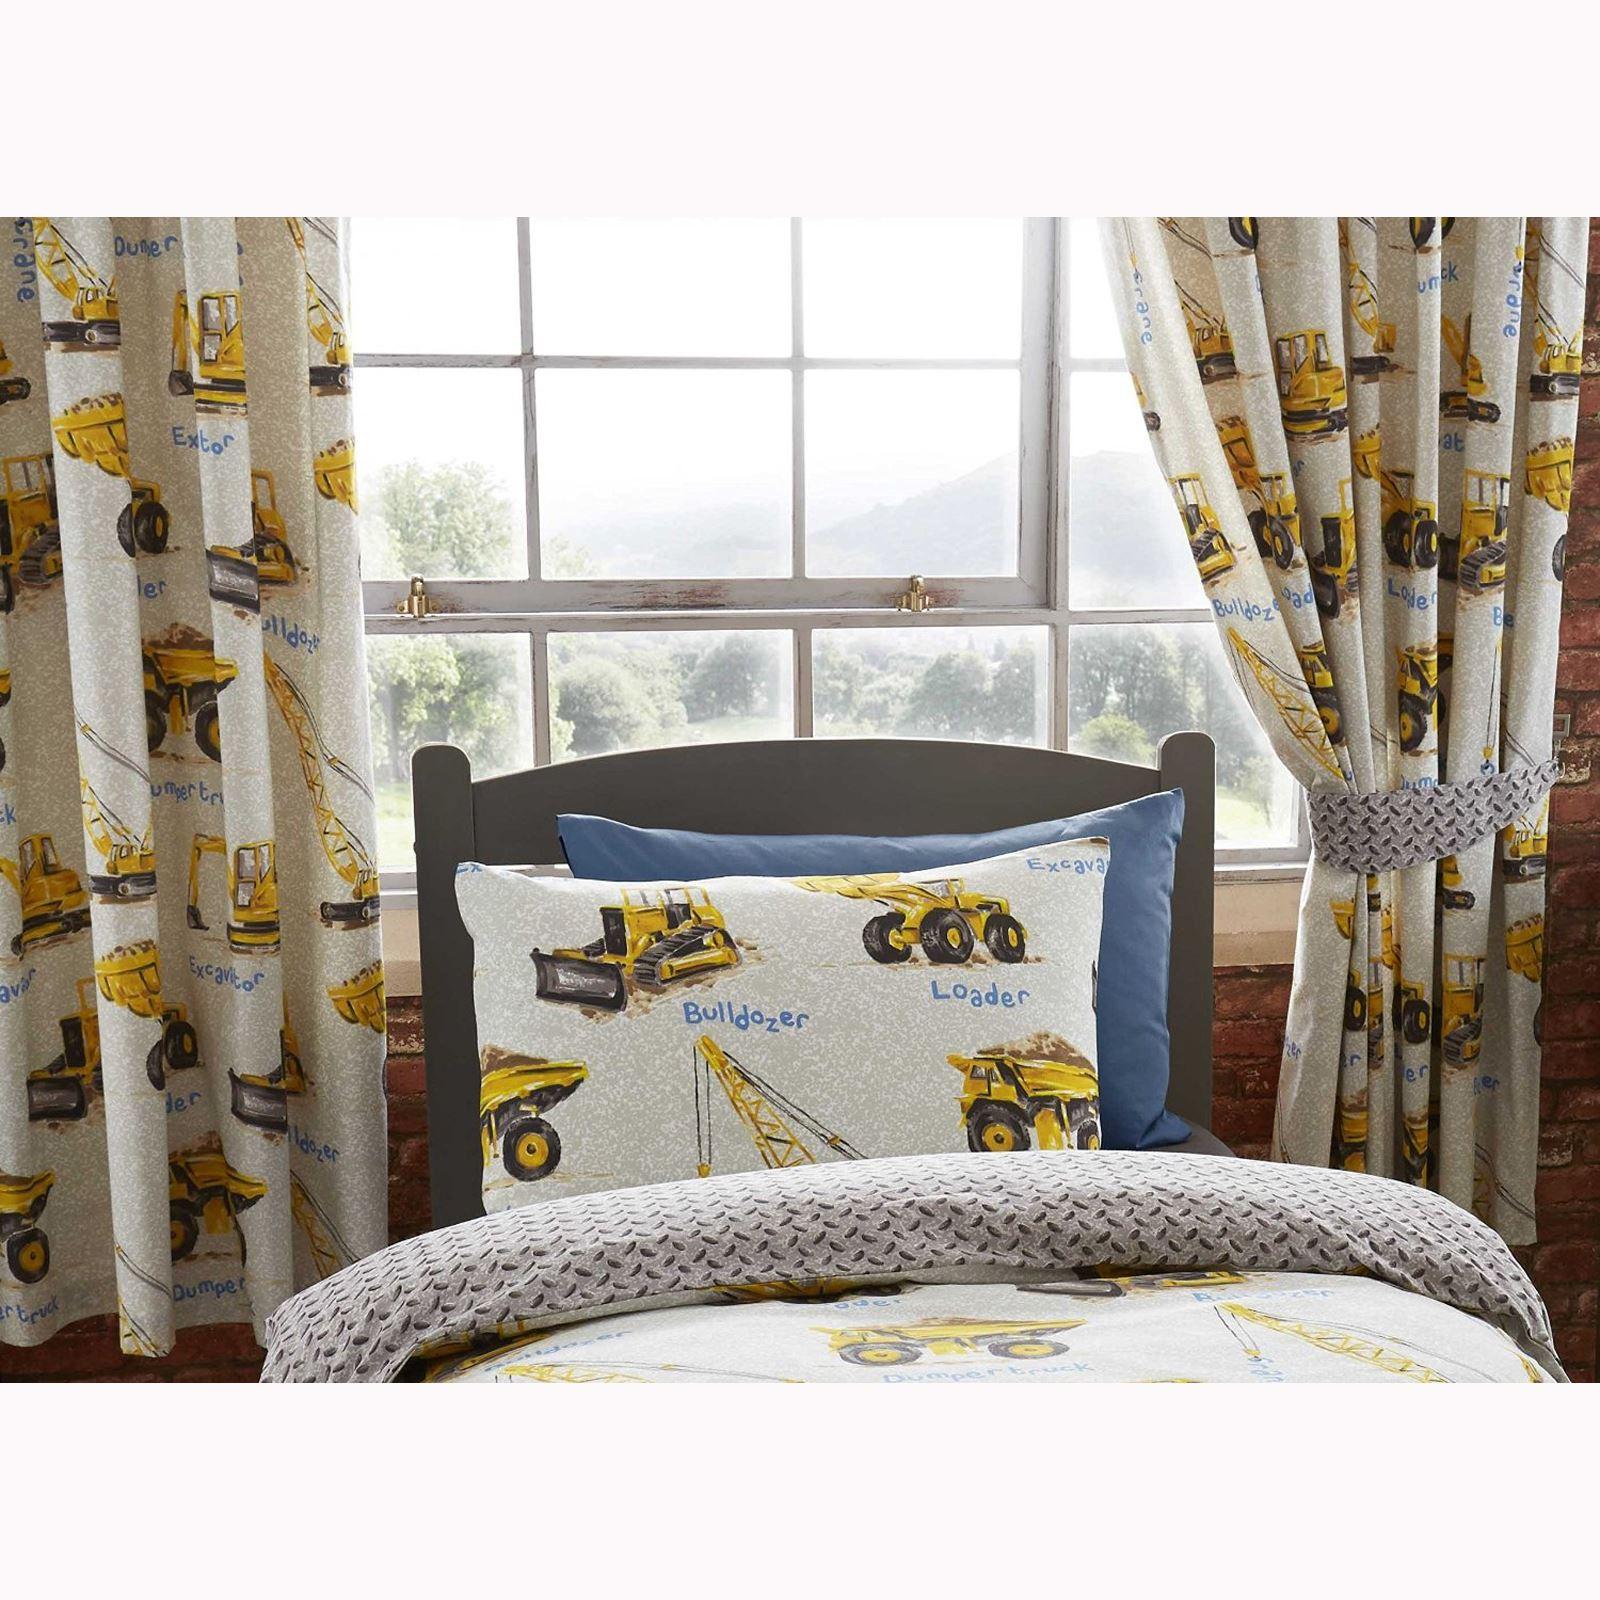 jungen schlafzimmer vorh nge 168cm x 183cm gr ber dinosaurier z ge armee ebay. Black Bedroom Furniture Sets. Home Design Ideas